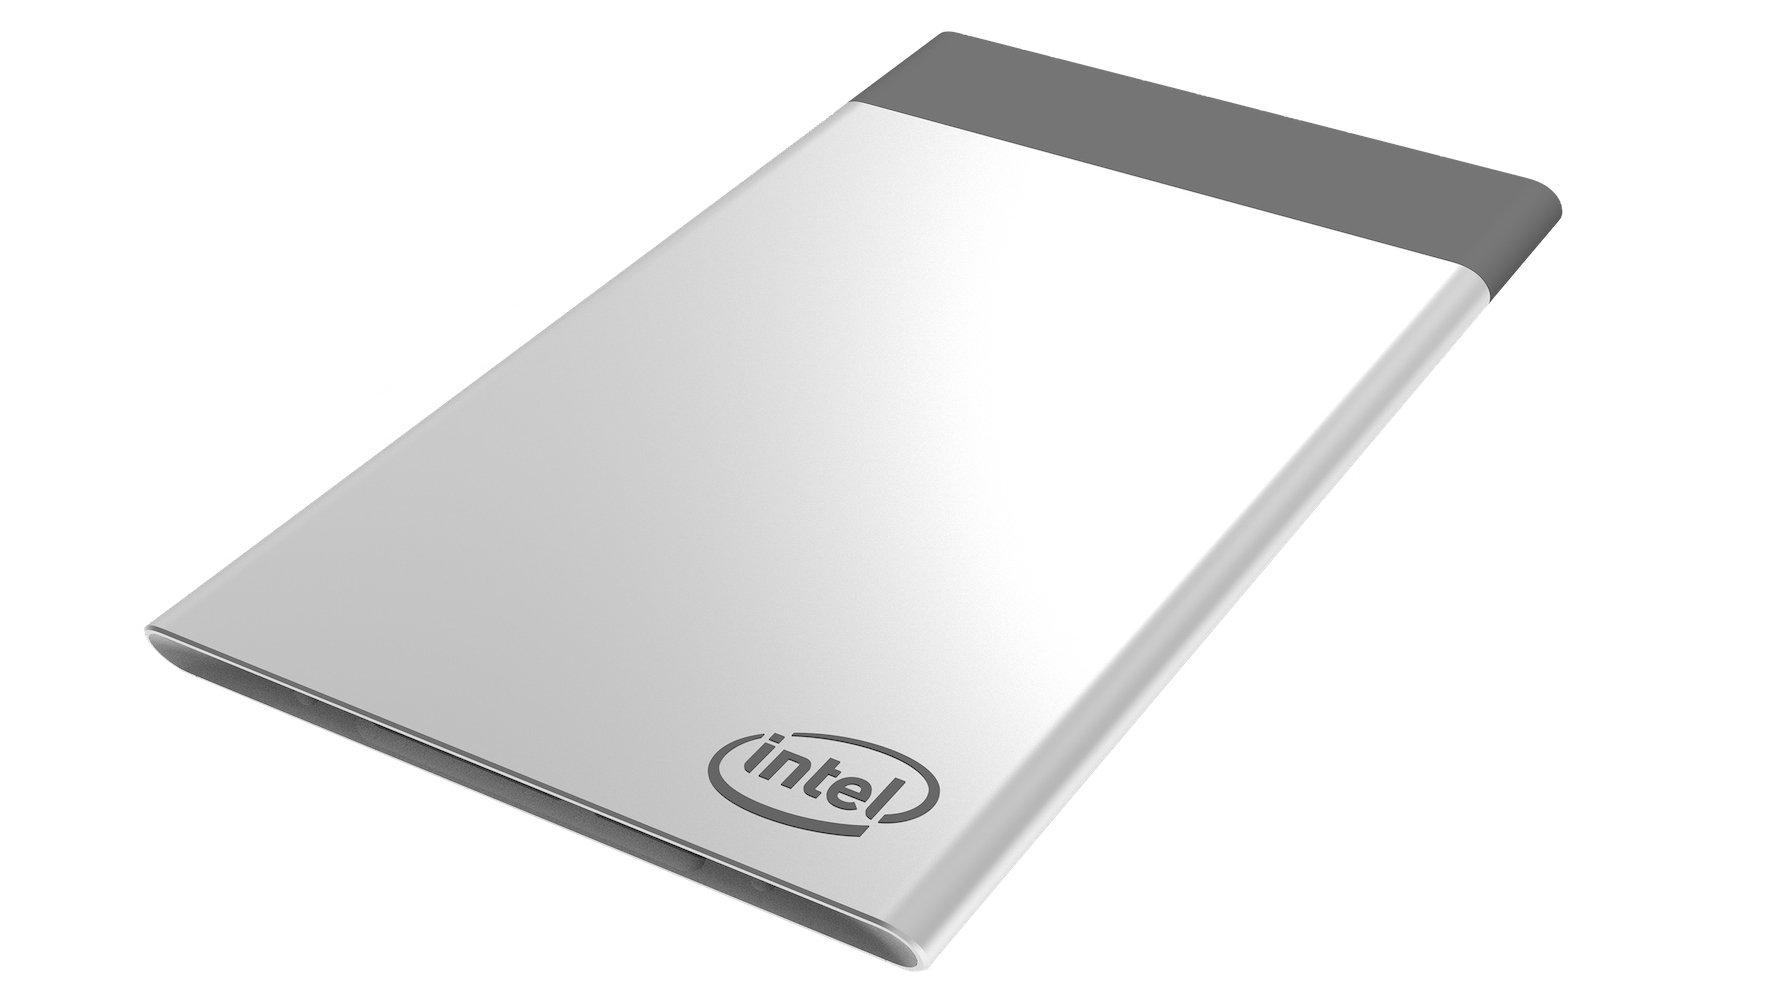 Kompakt Bilgisayar Konsepti Compute Card